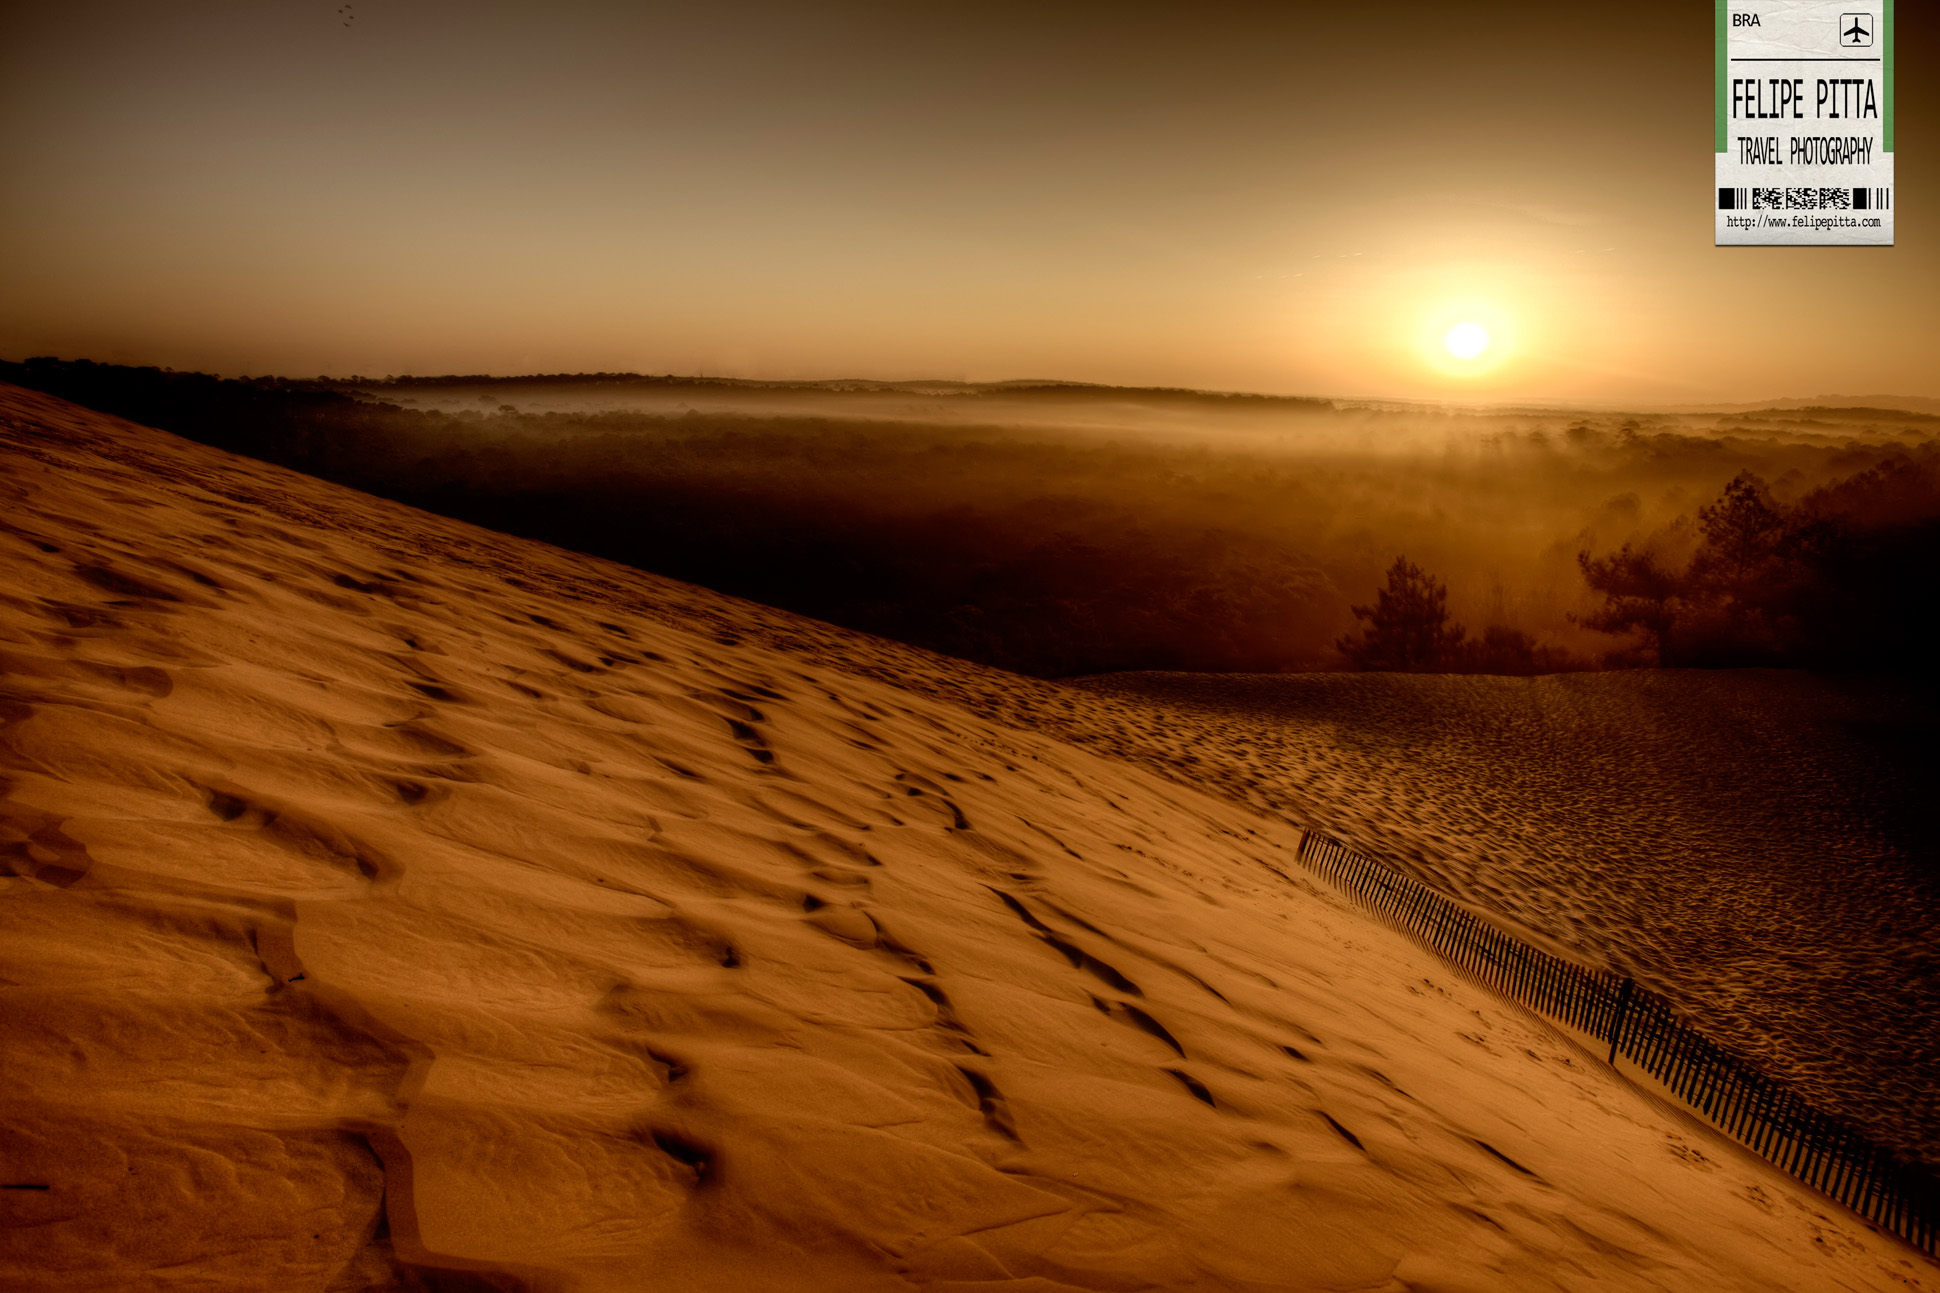 Dune du Pilat, Arcachon, France